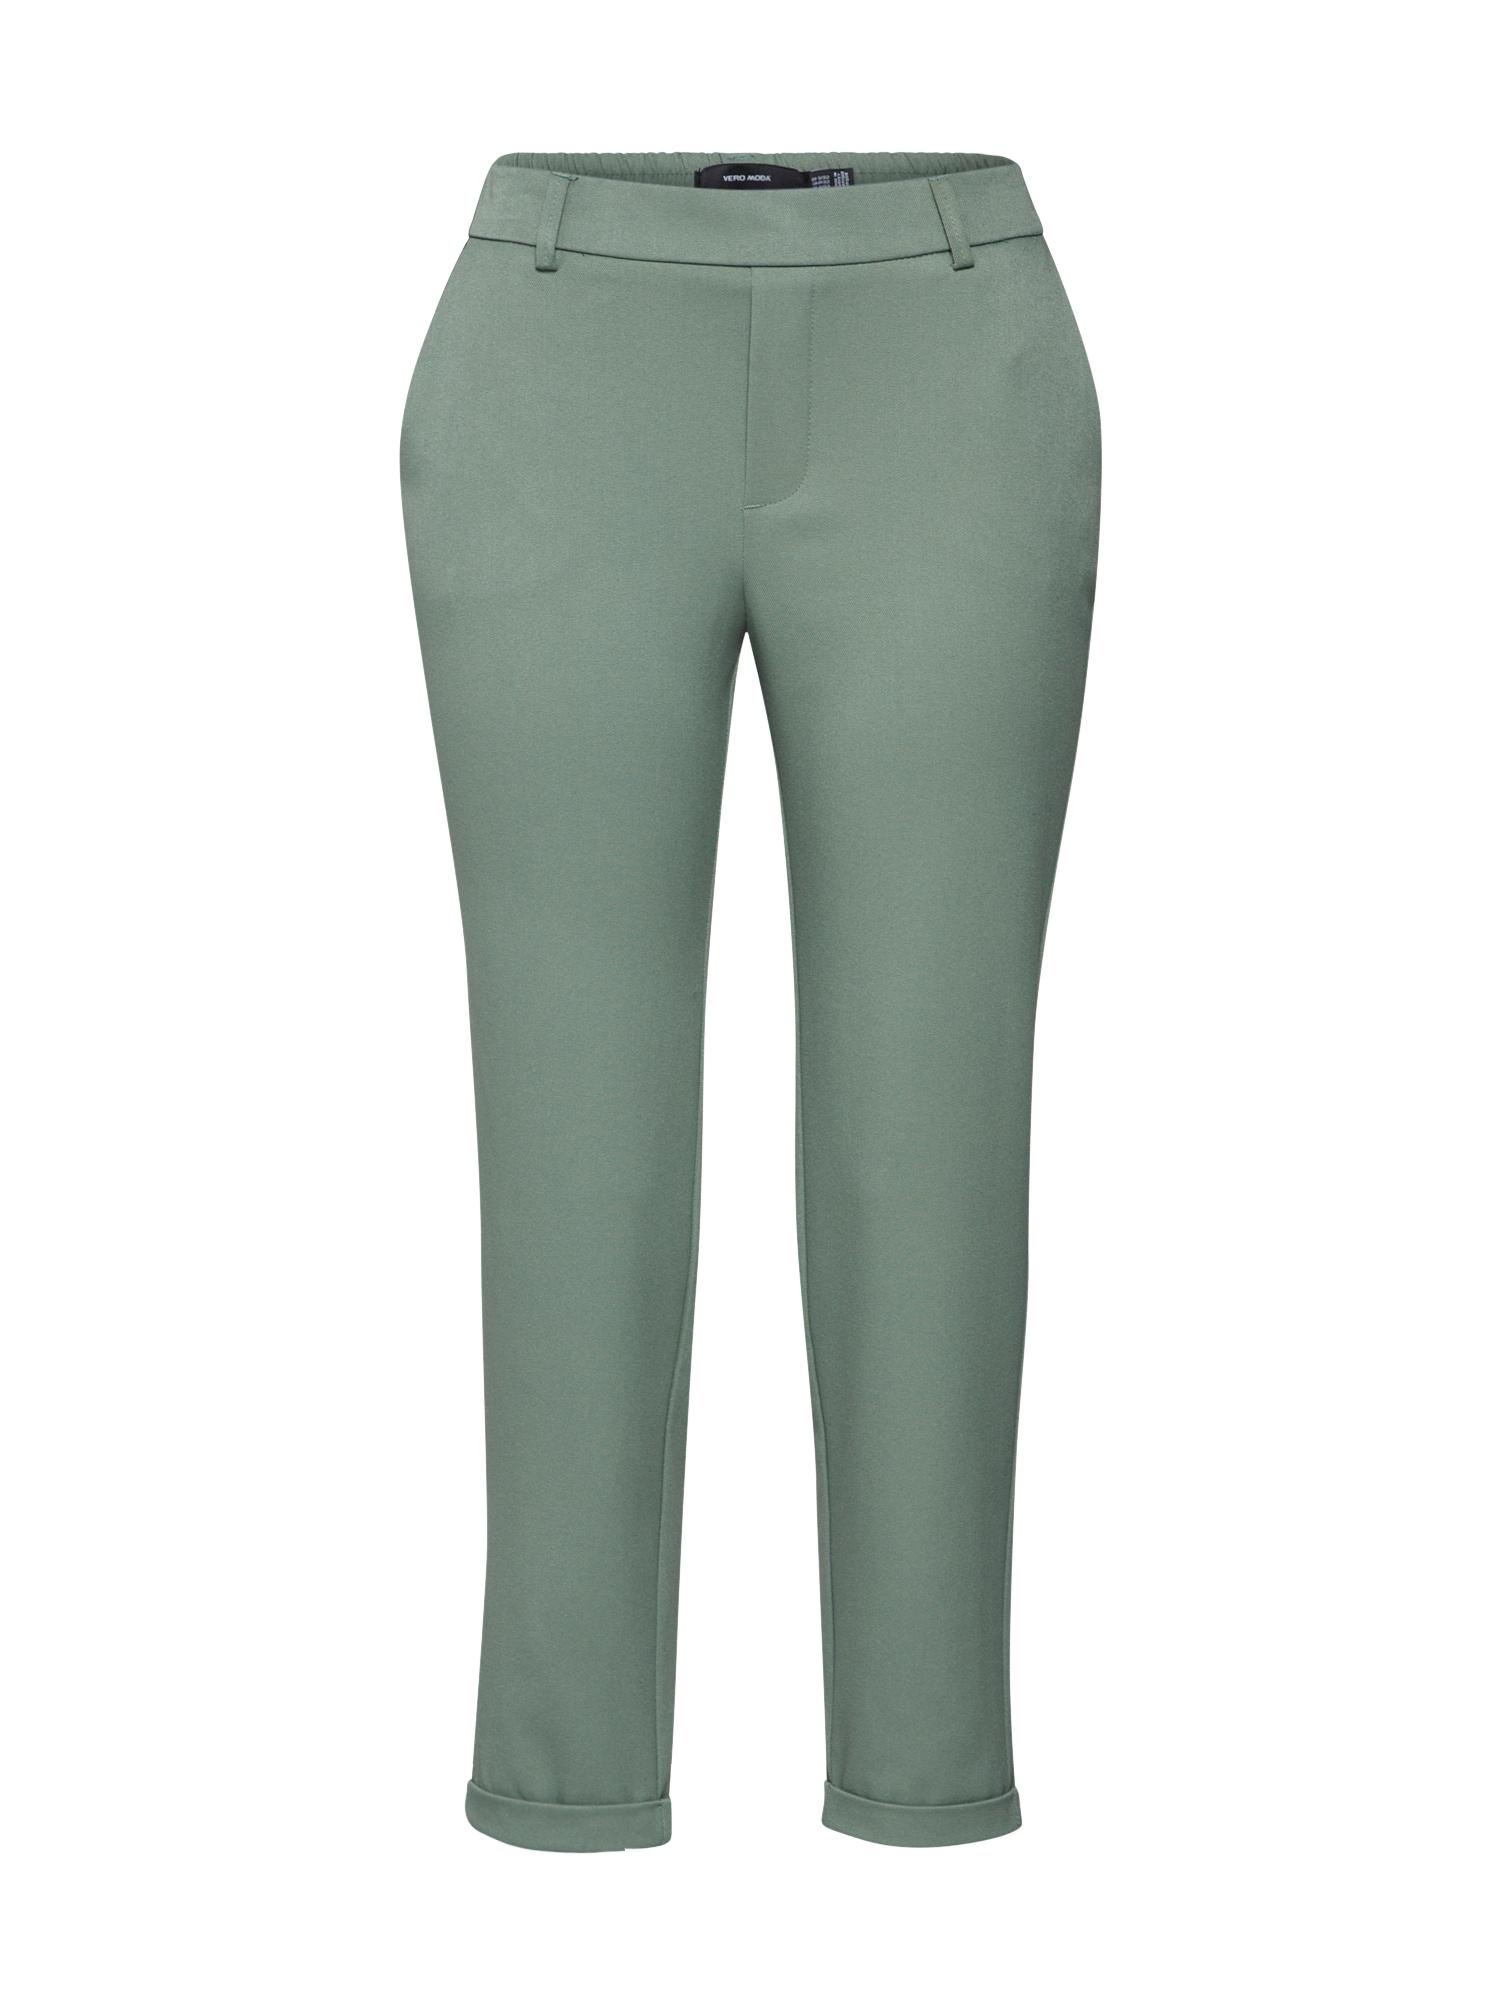 VERO MODA Chino nohavice  zelená